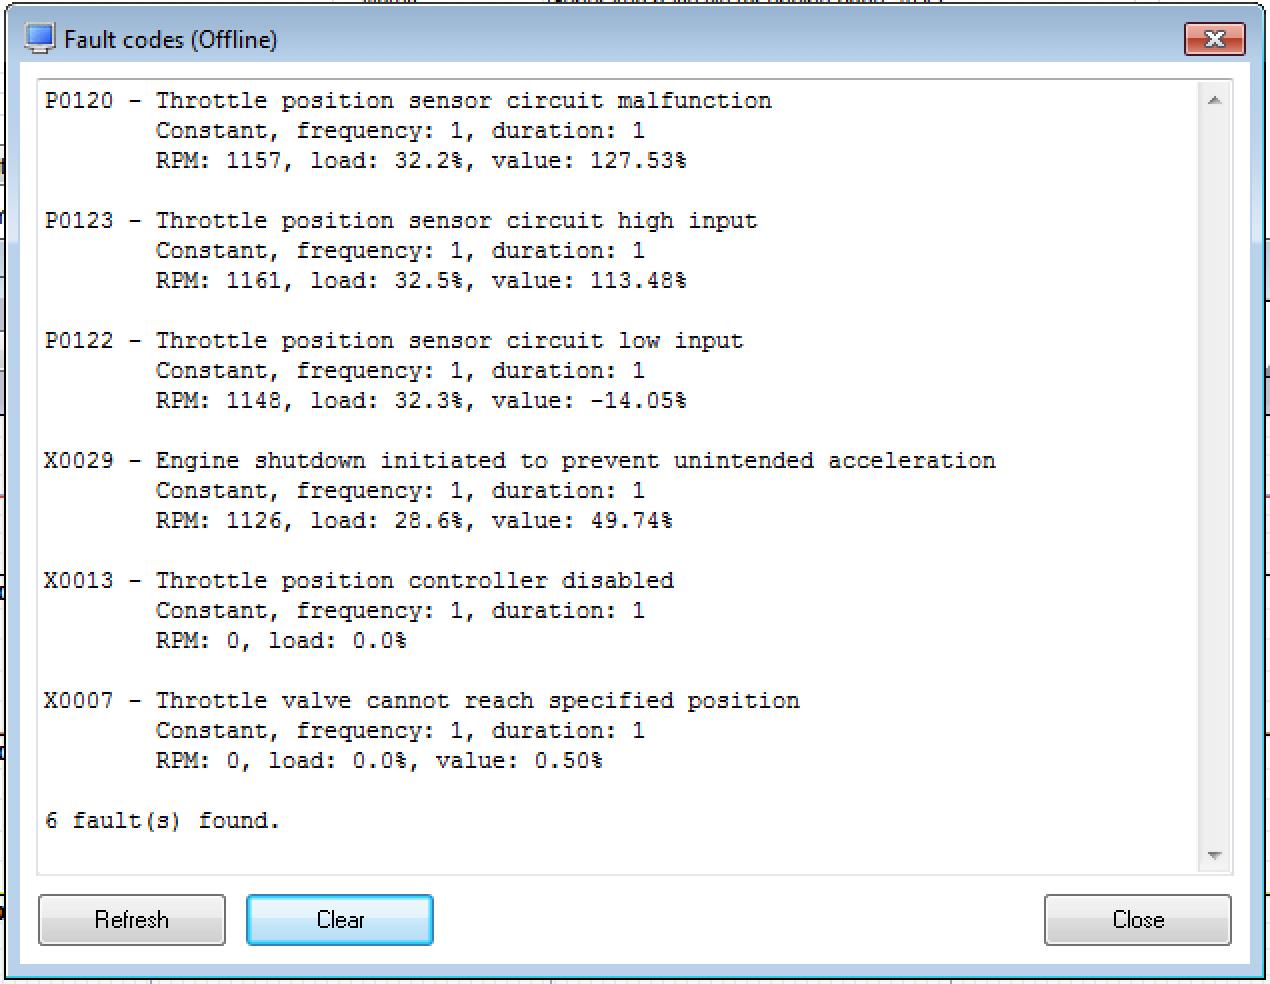 Screenshot 2020-03-31 at 11.03.25.png